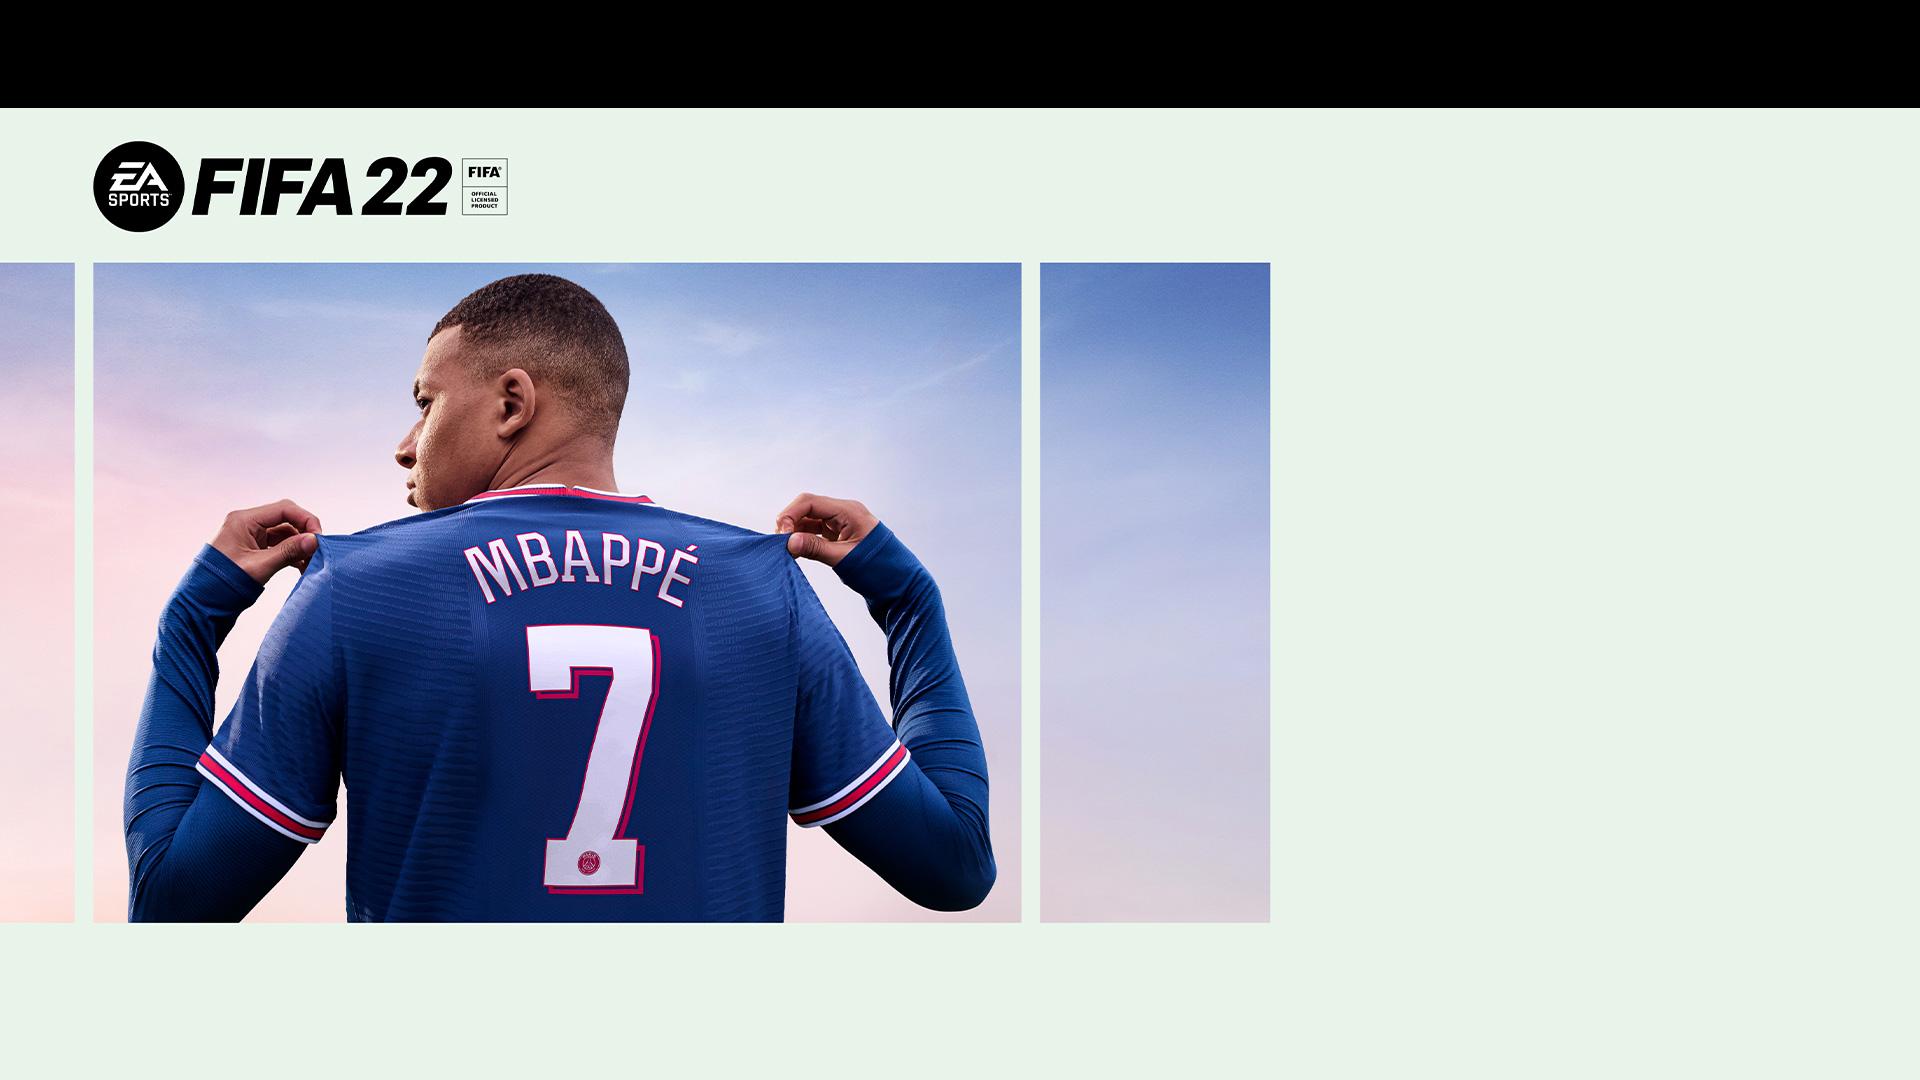 EA Sports, FIFA 22 Resmi Lisanslı Ürün, Mbappe yedi numaralı formasını gösteriyor.